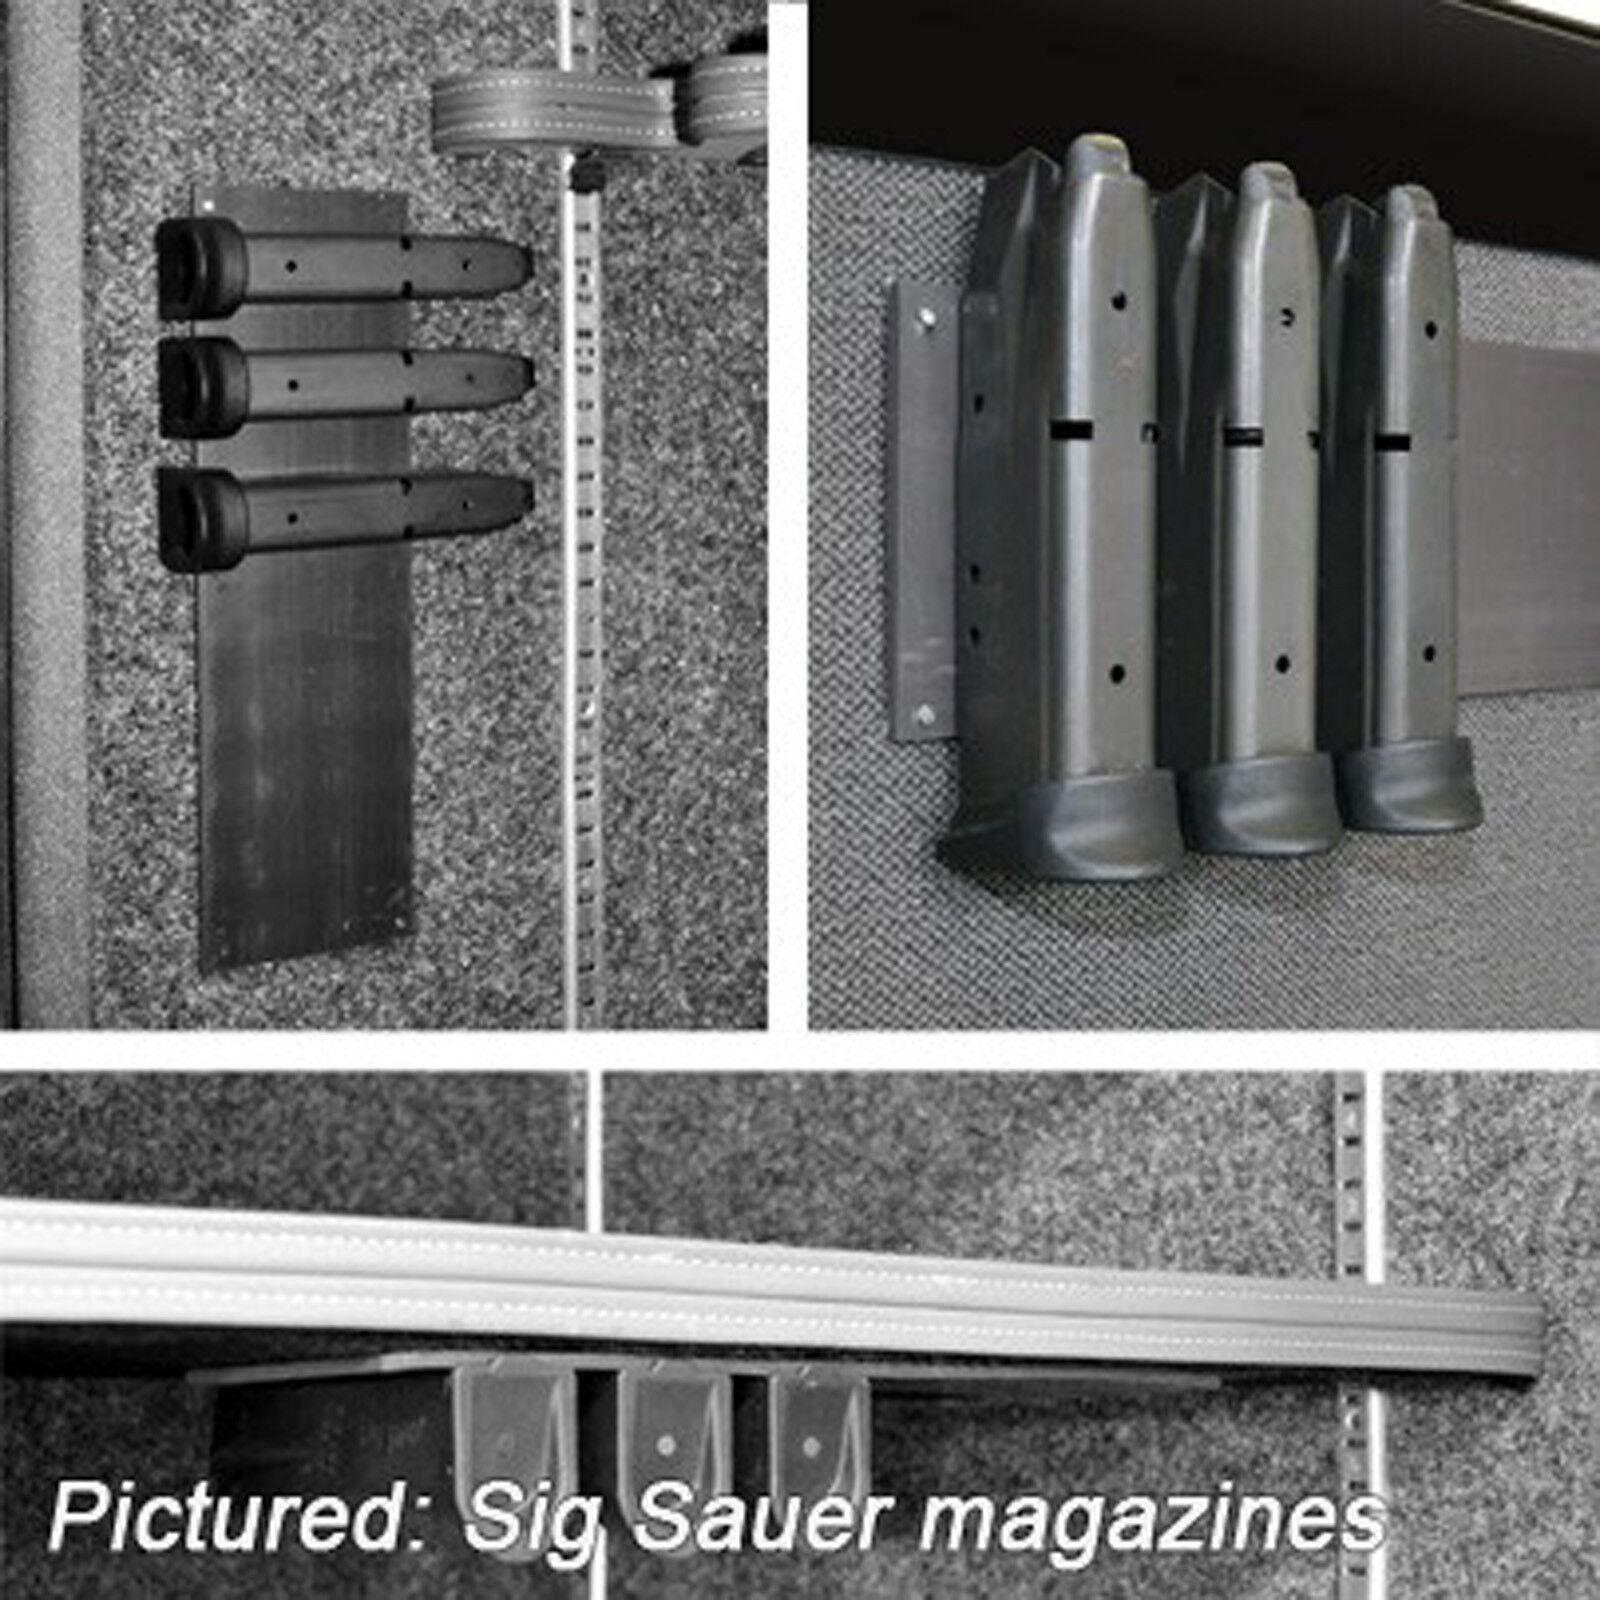 magazine clip holders for guns - 650×650